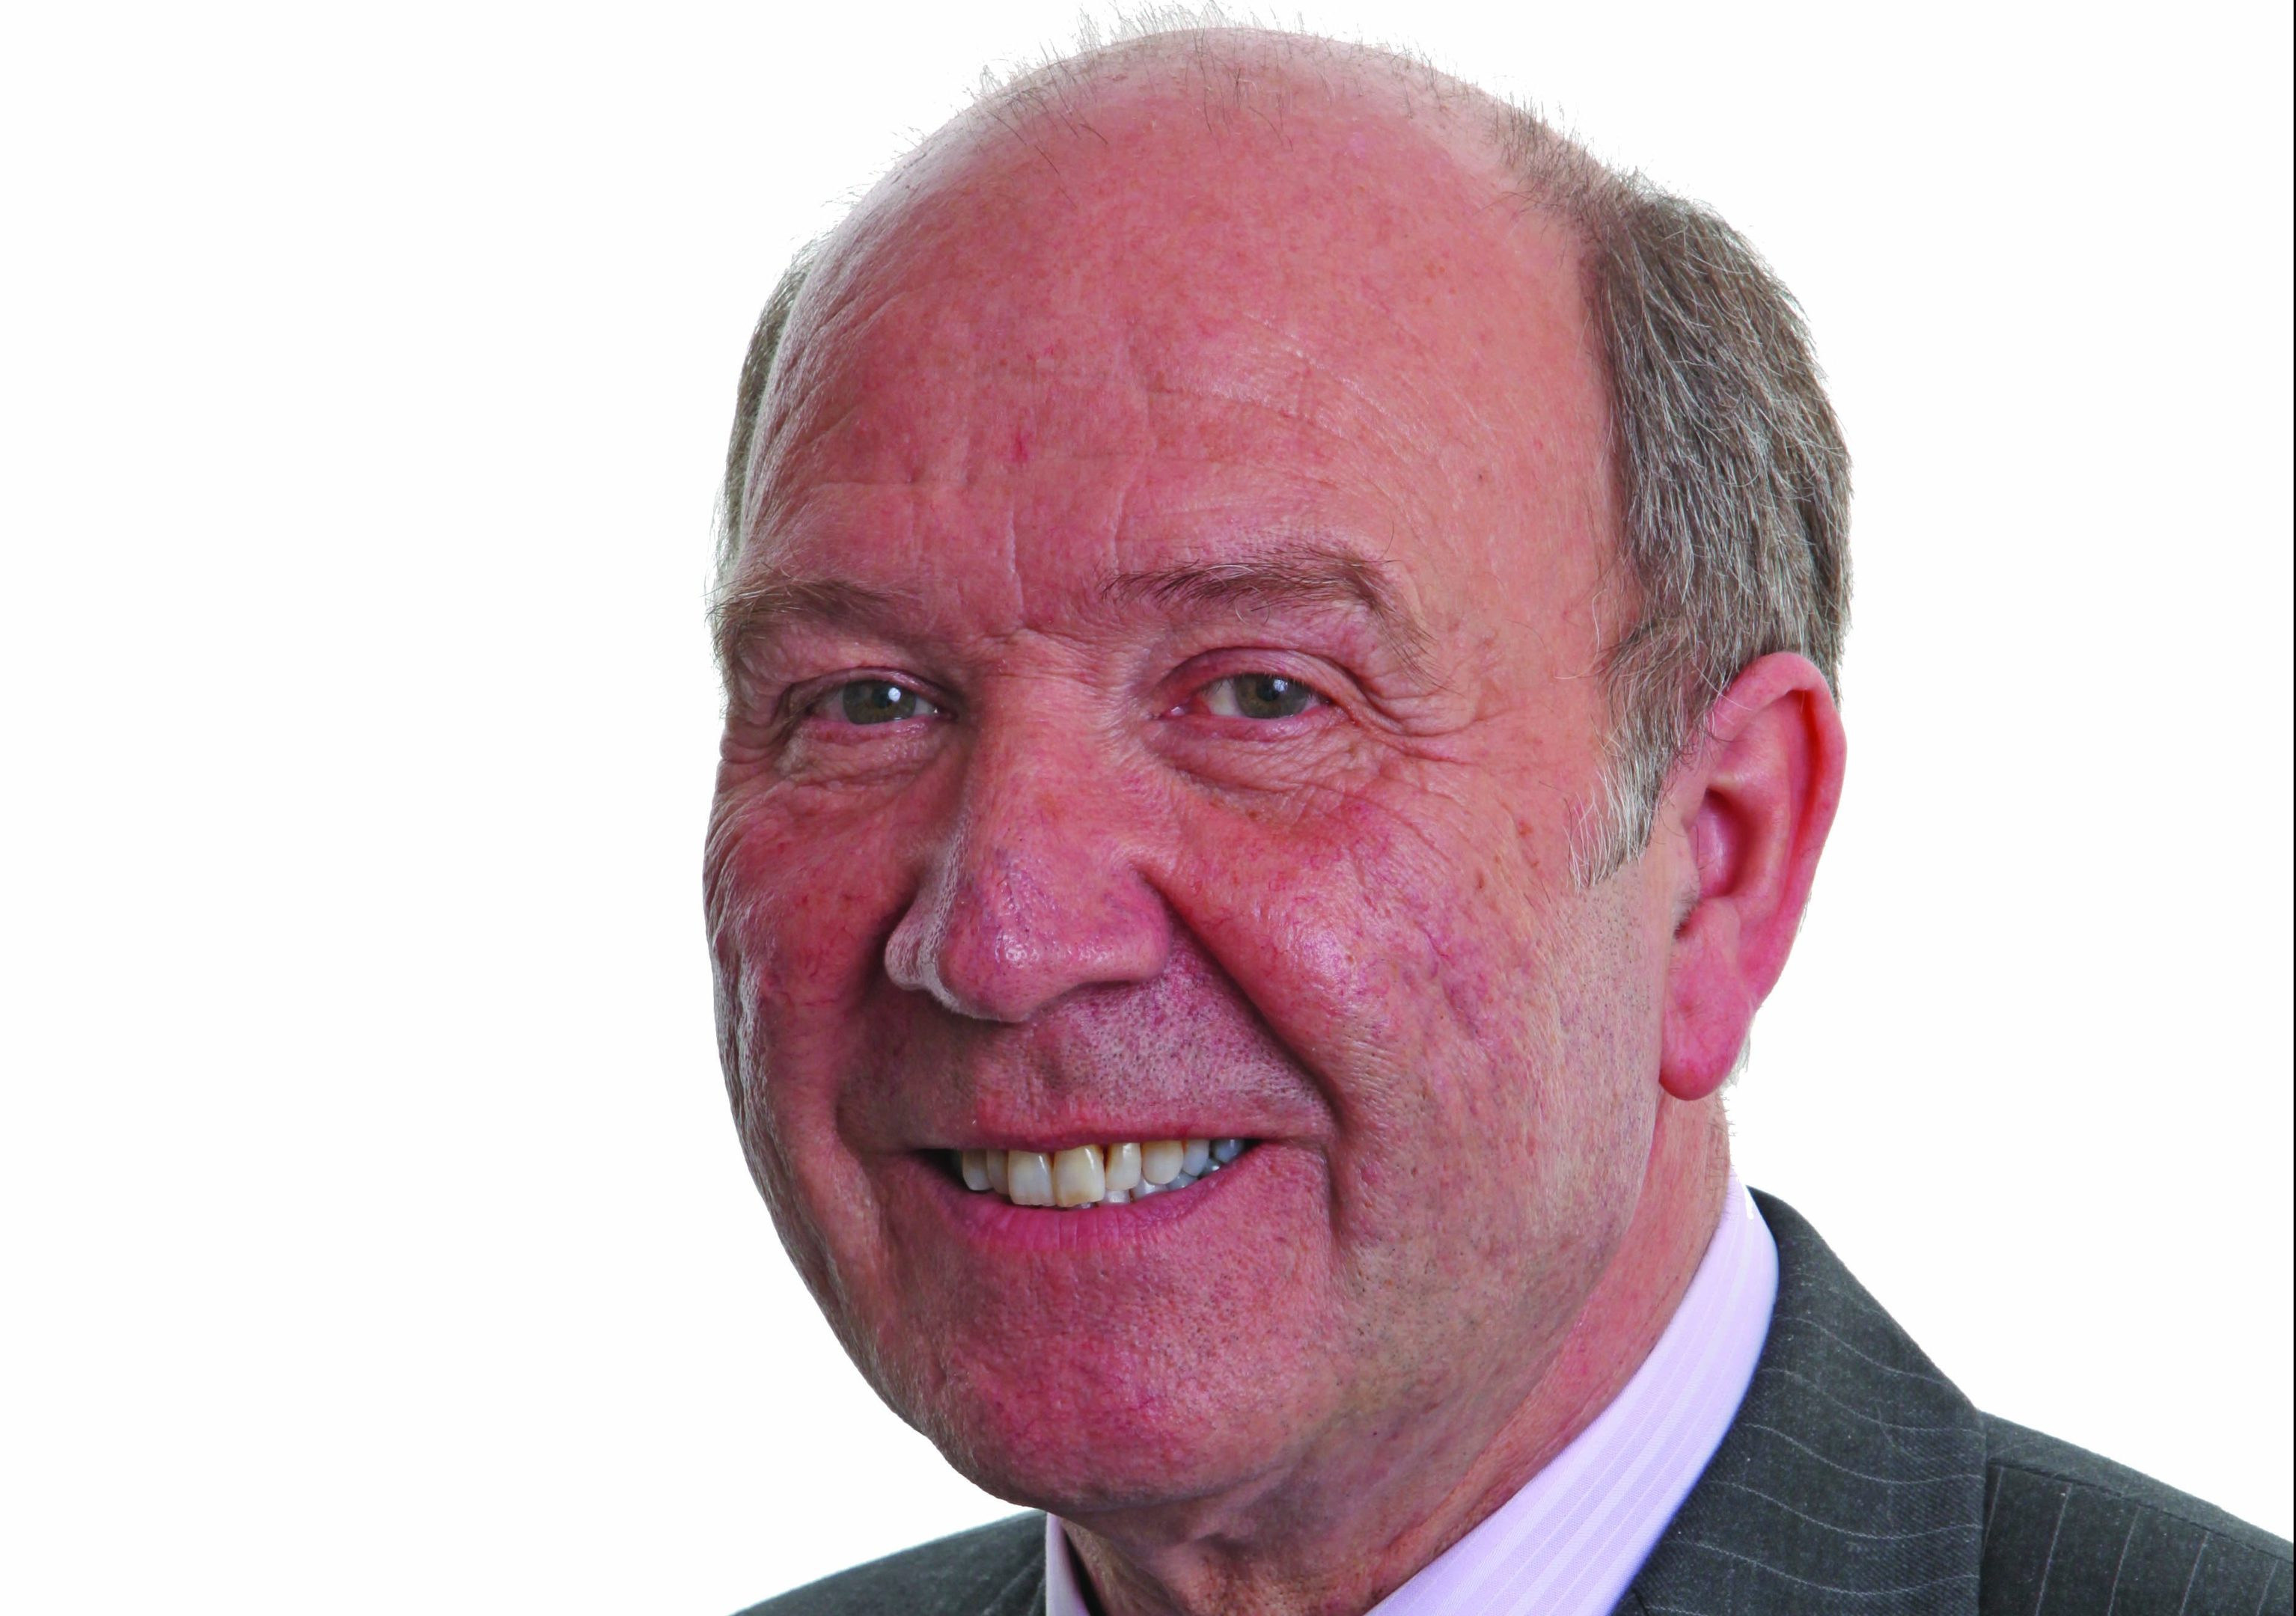 Forfar councillor Ian McLaren.